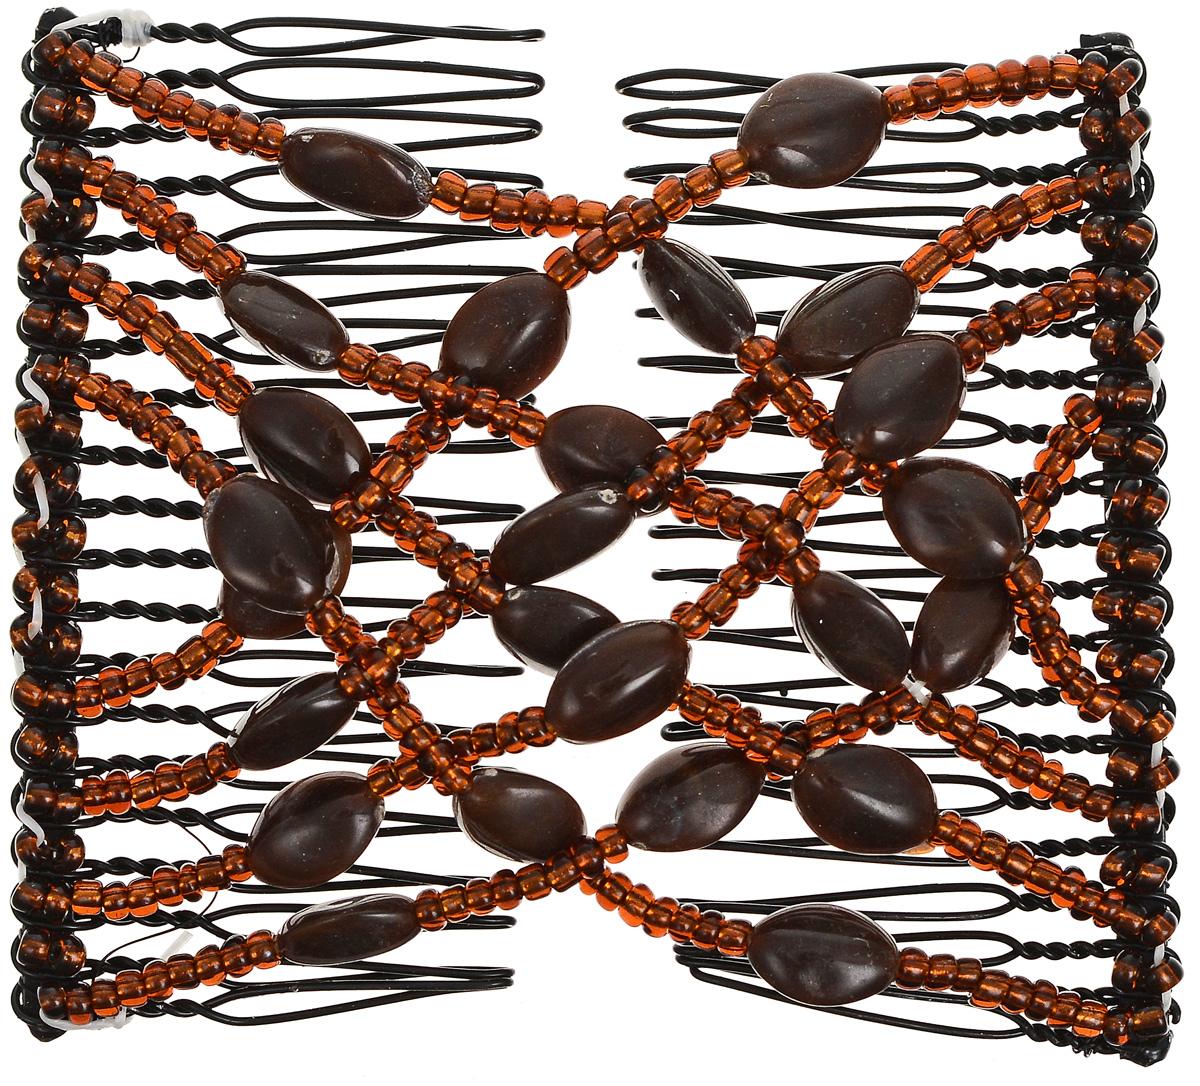 EZ-Combs Заколка Изи-Комбс, одинарная, цвет: коричневый. ЗИО_плоский овал заколка hairagami хеагами одинарная цвет черный розовый